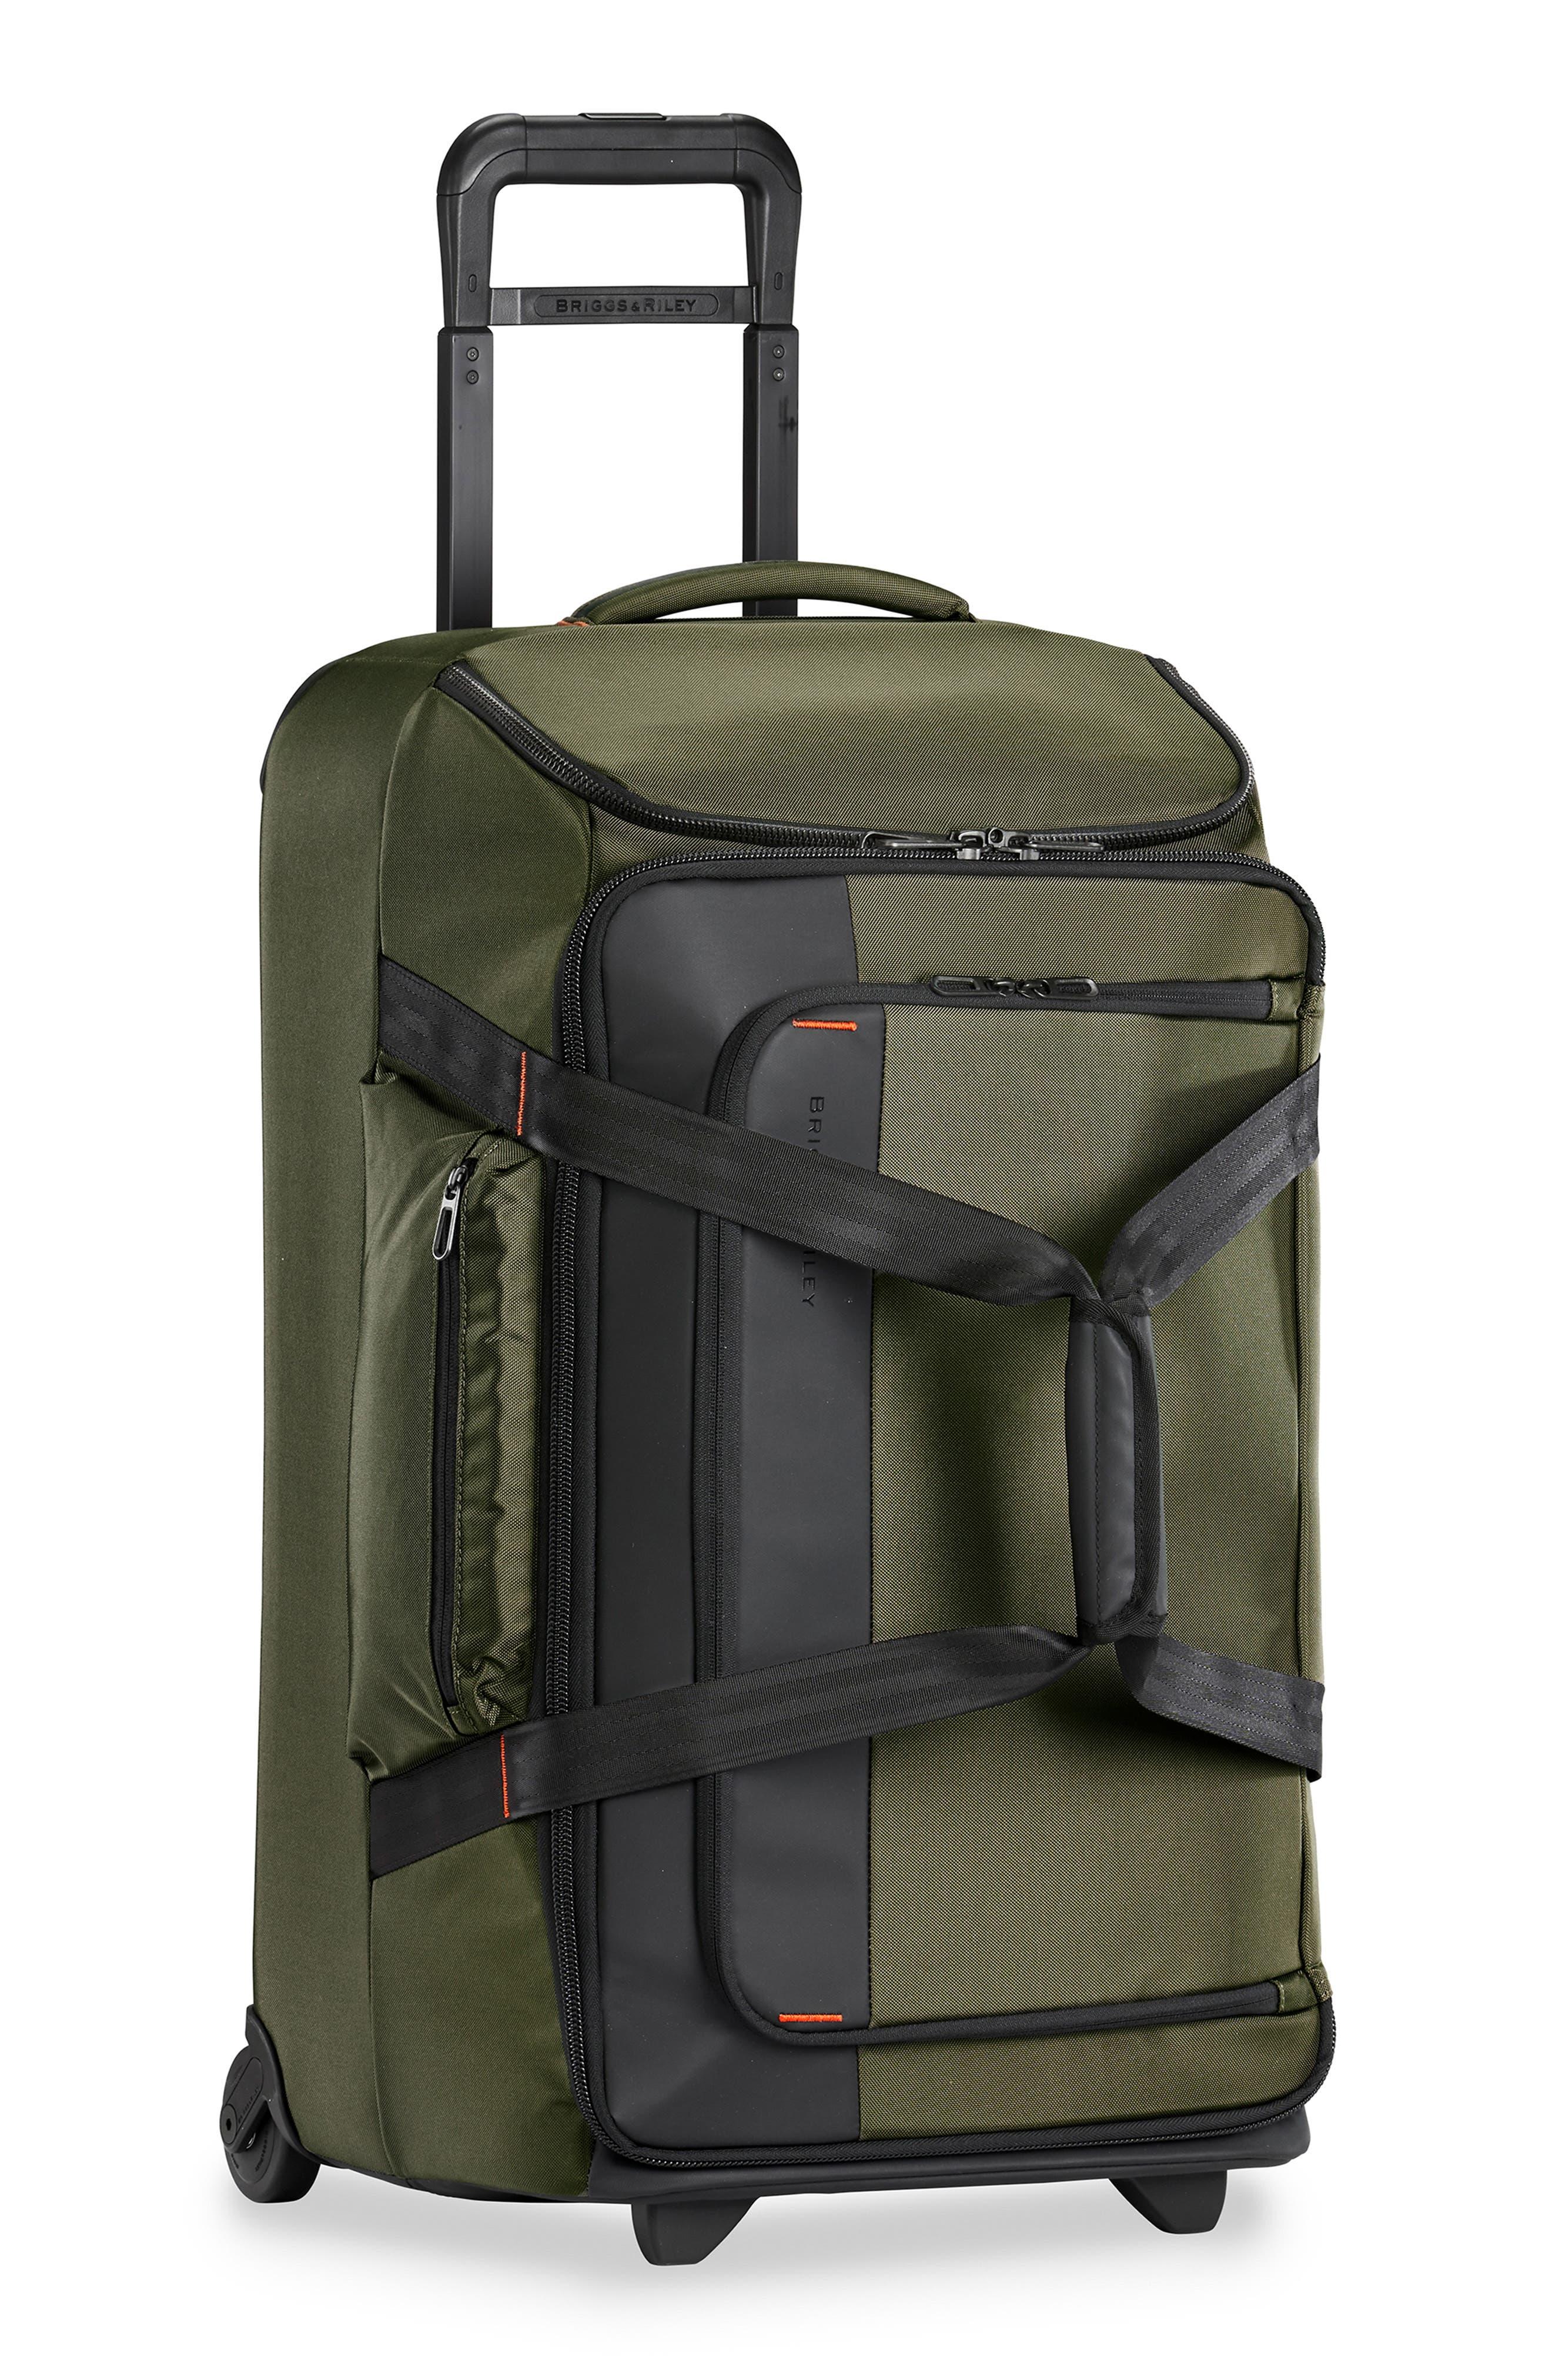 Medium 27-Inch Rolling Duffle Bag